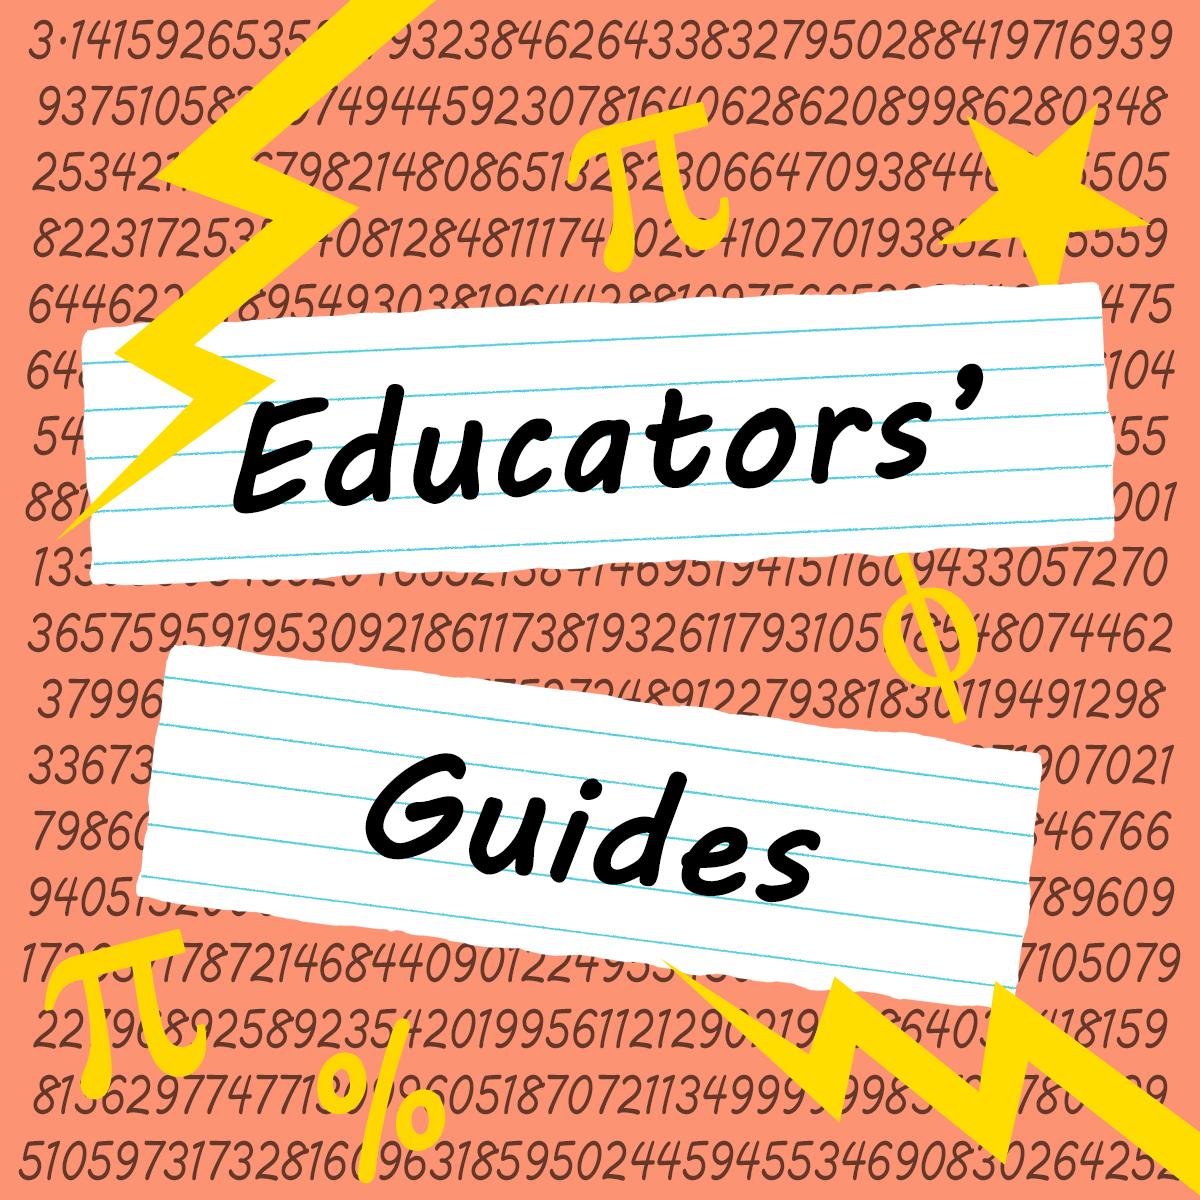 educator.jpg